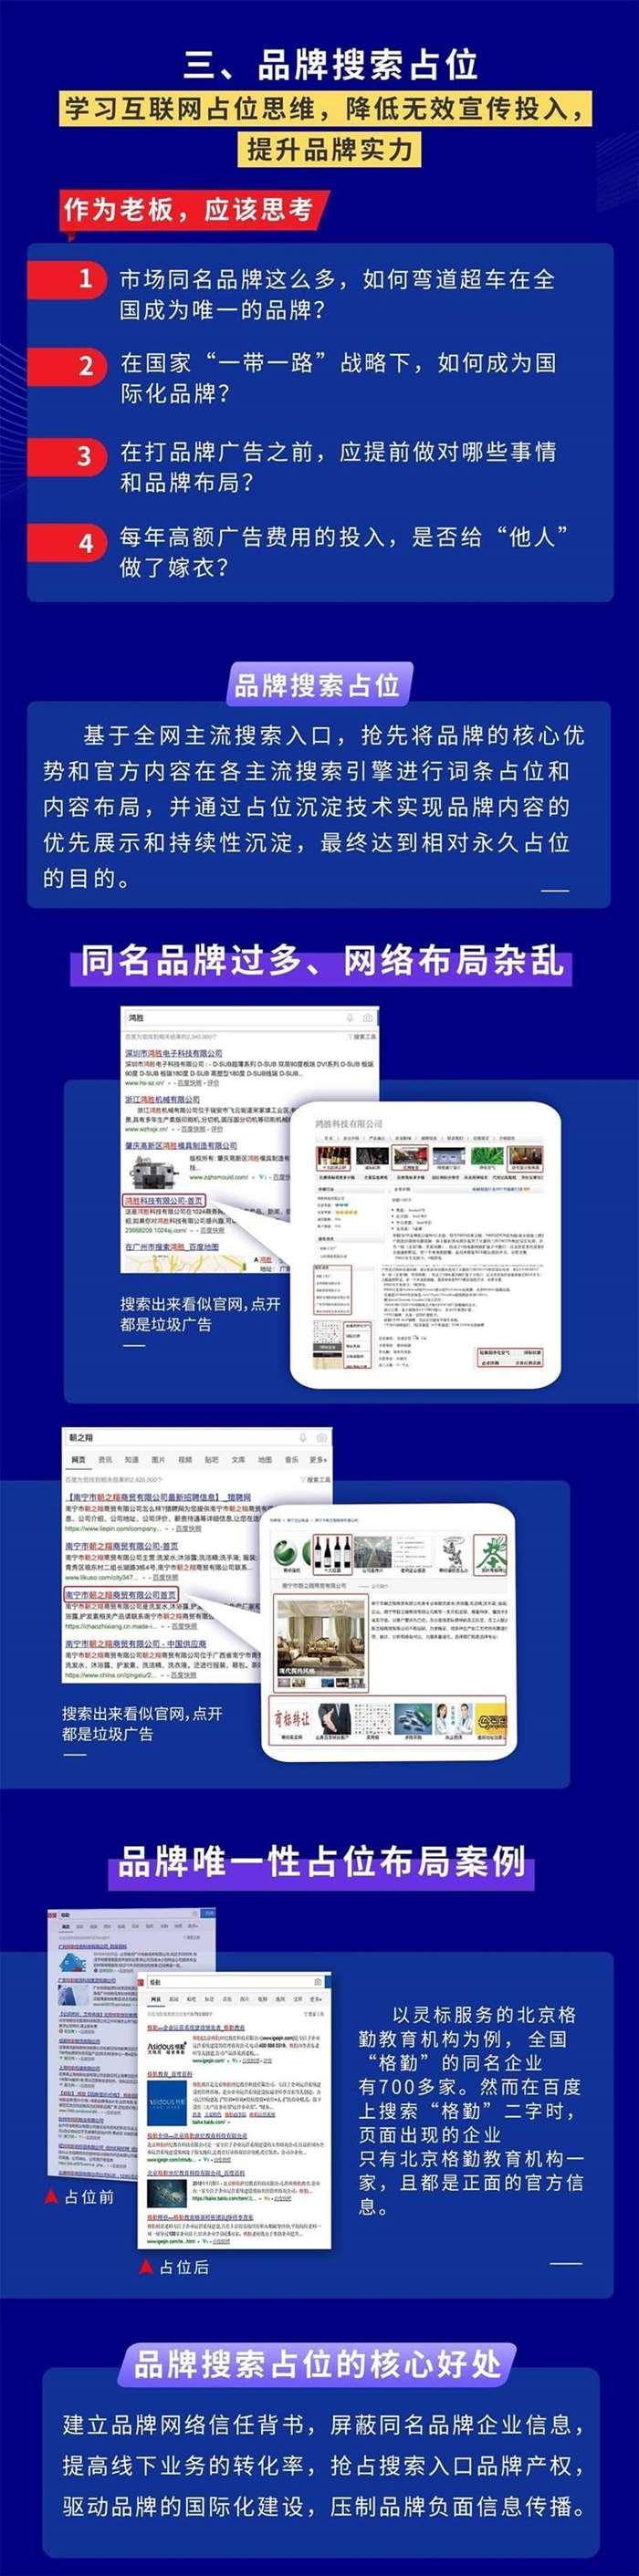 4灵标-品牌搜索占位.jpg